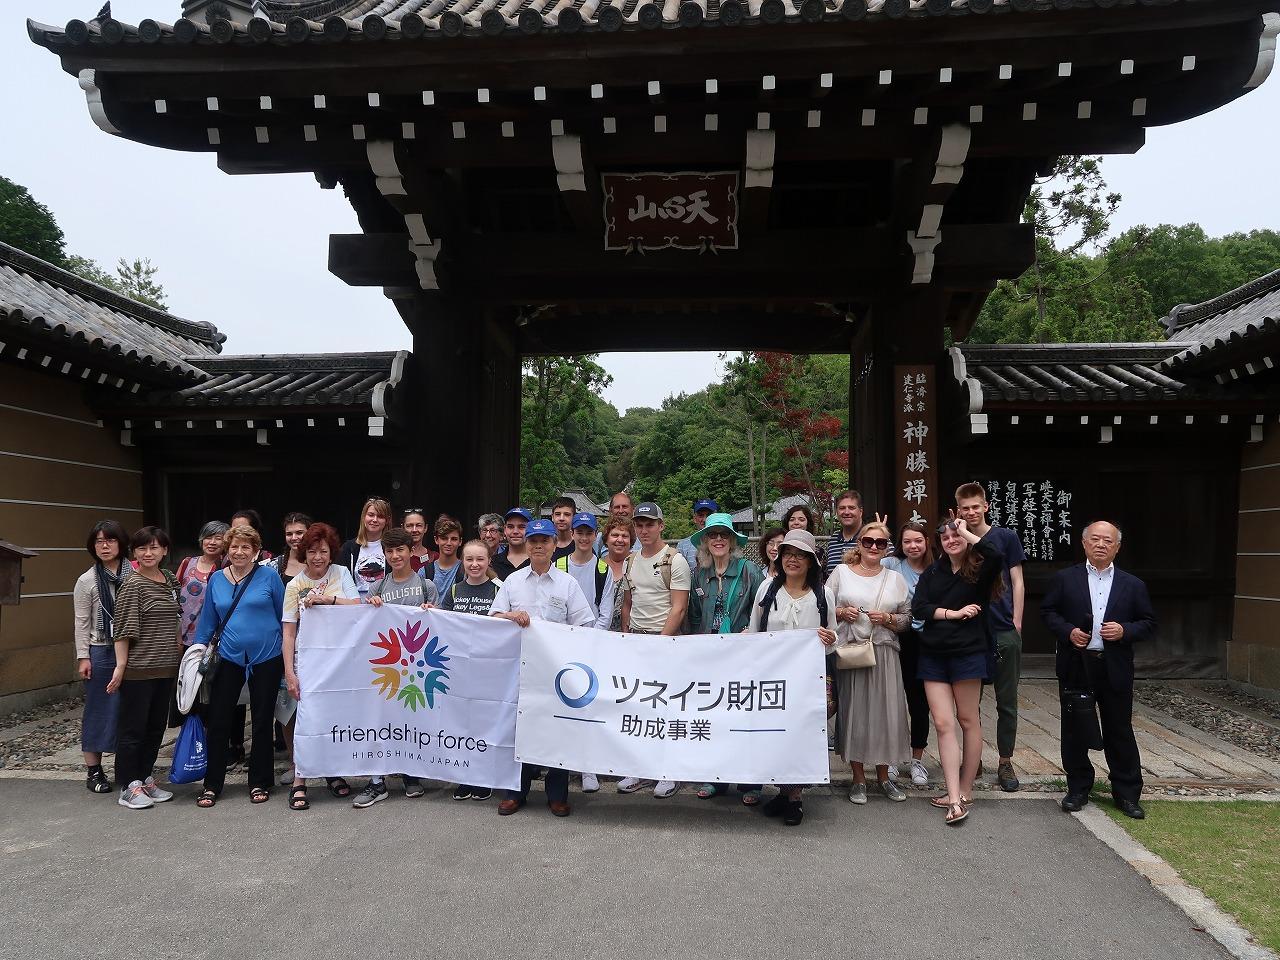 公益財団法人ツネイシ財団 非営利団体「フレンドシップフォース広島」の国際交流活動を助成